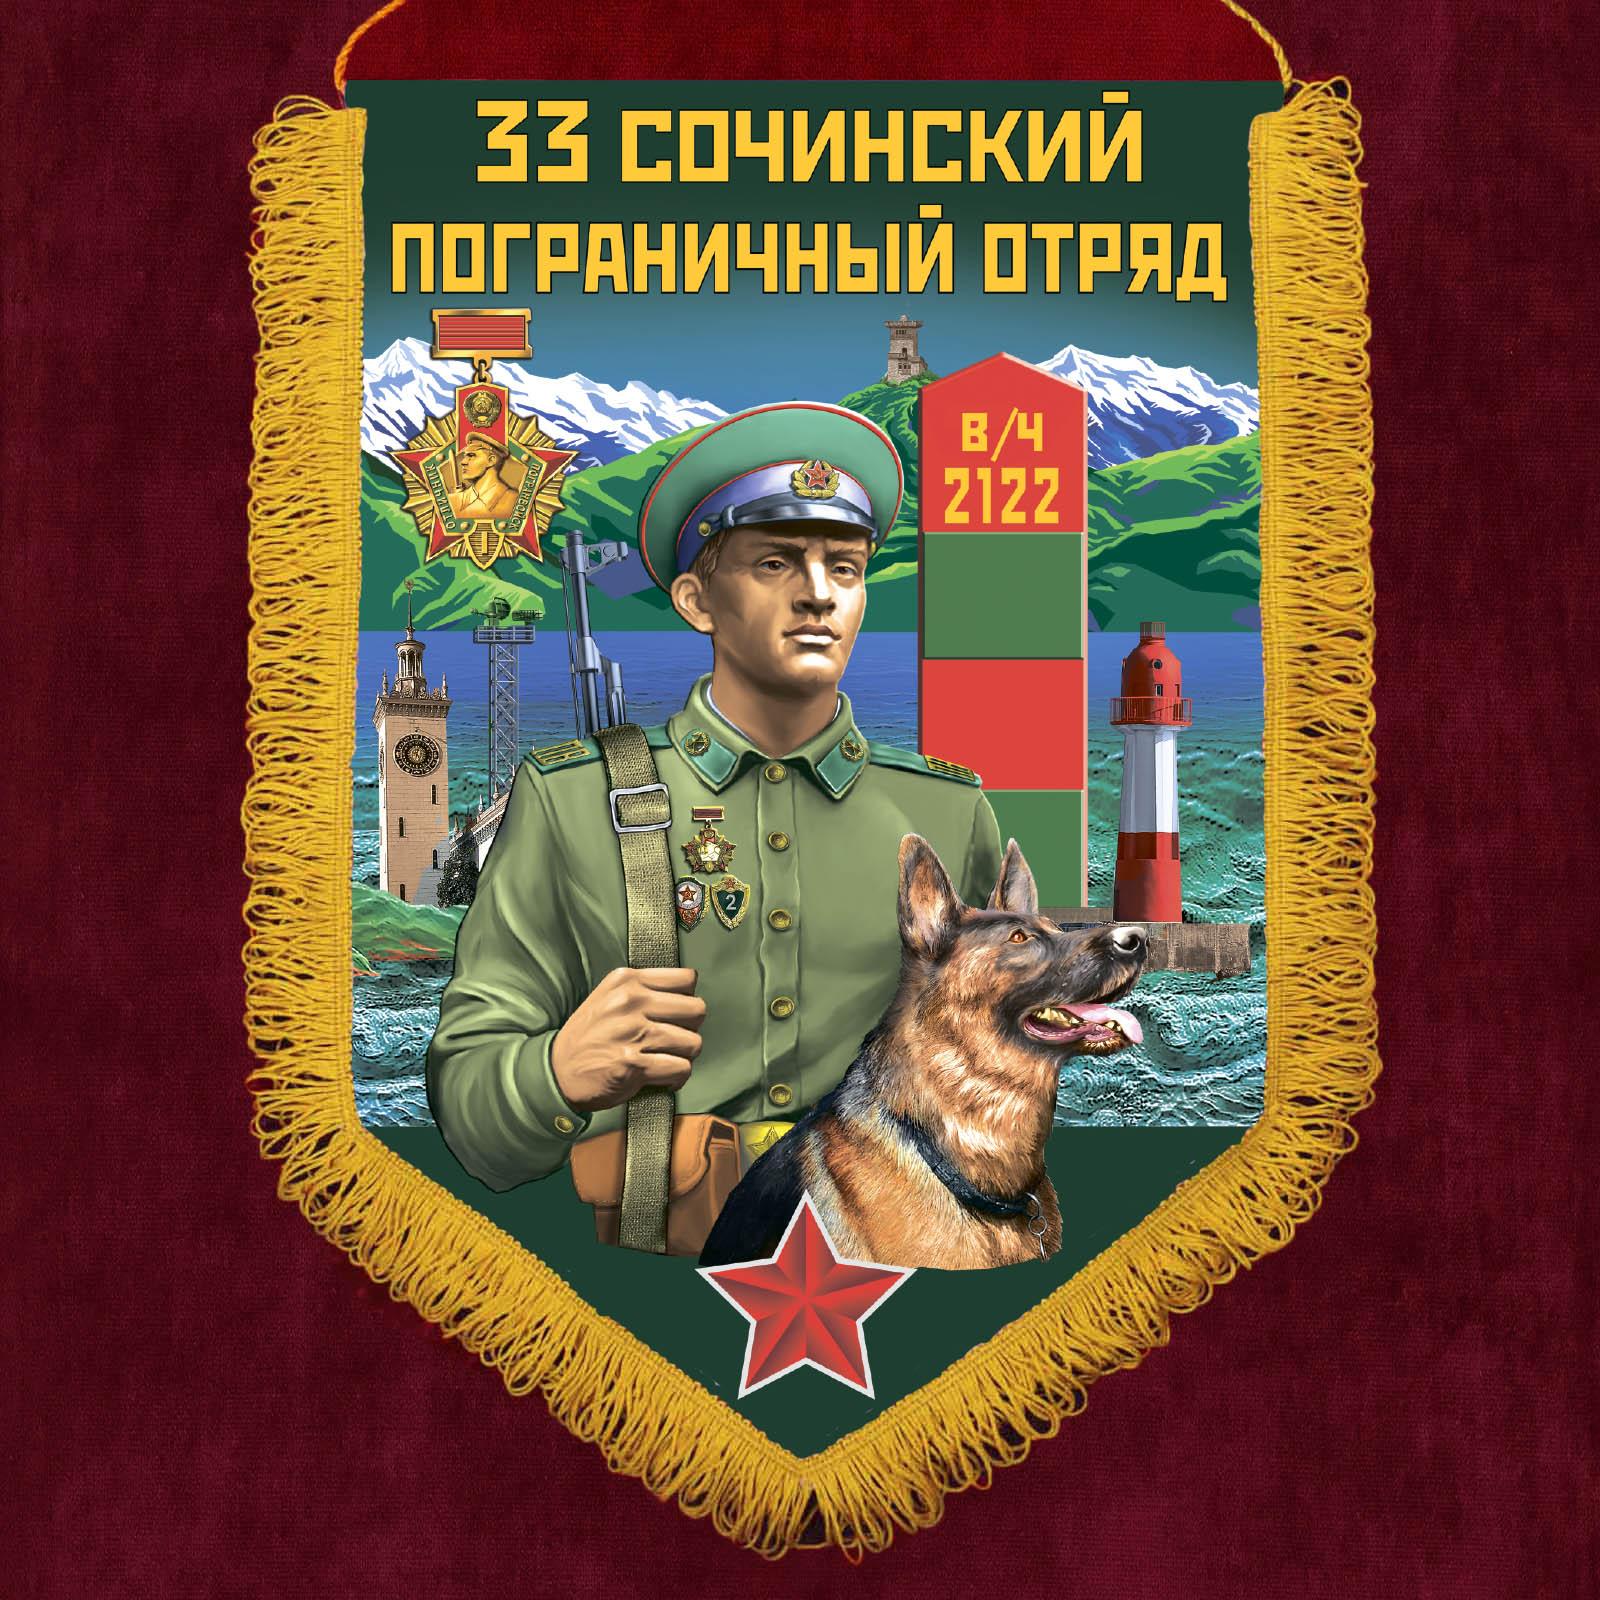 """Наградной вымпел """"33 Сочинский пограничный отряд"""""""